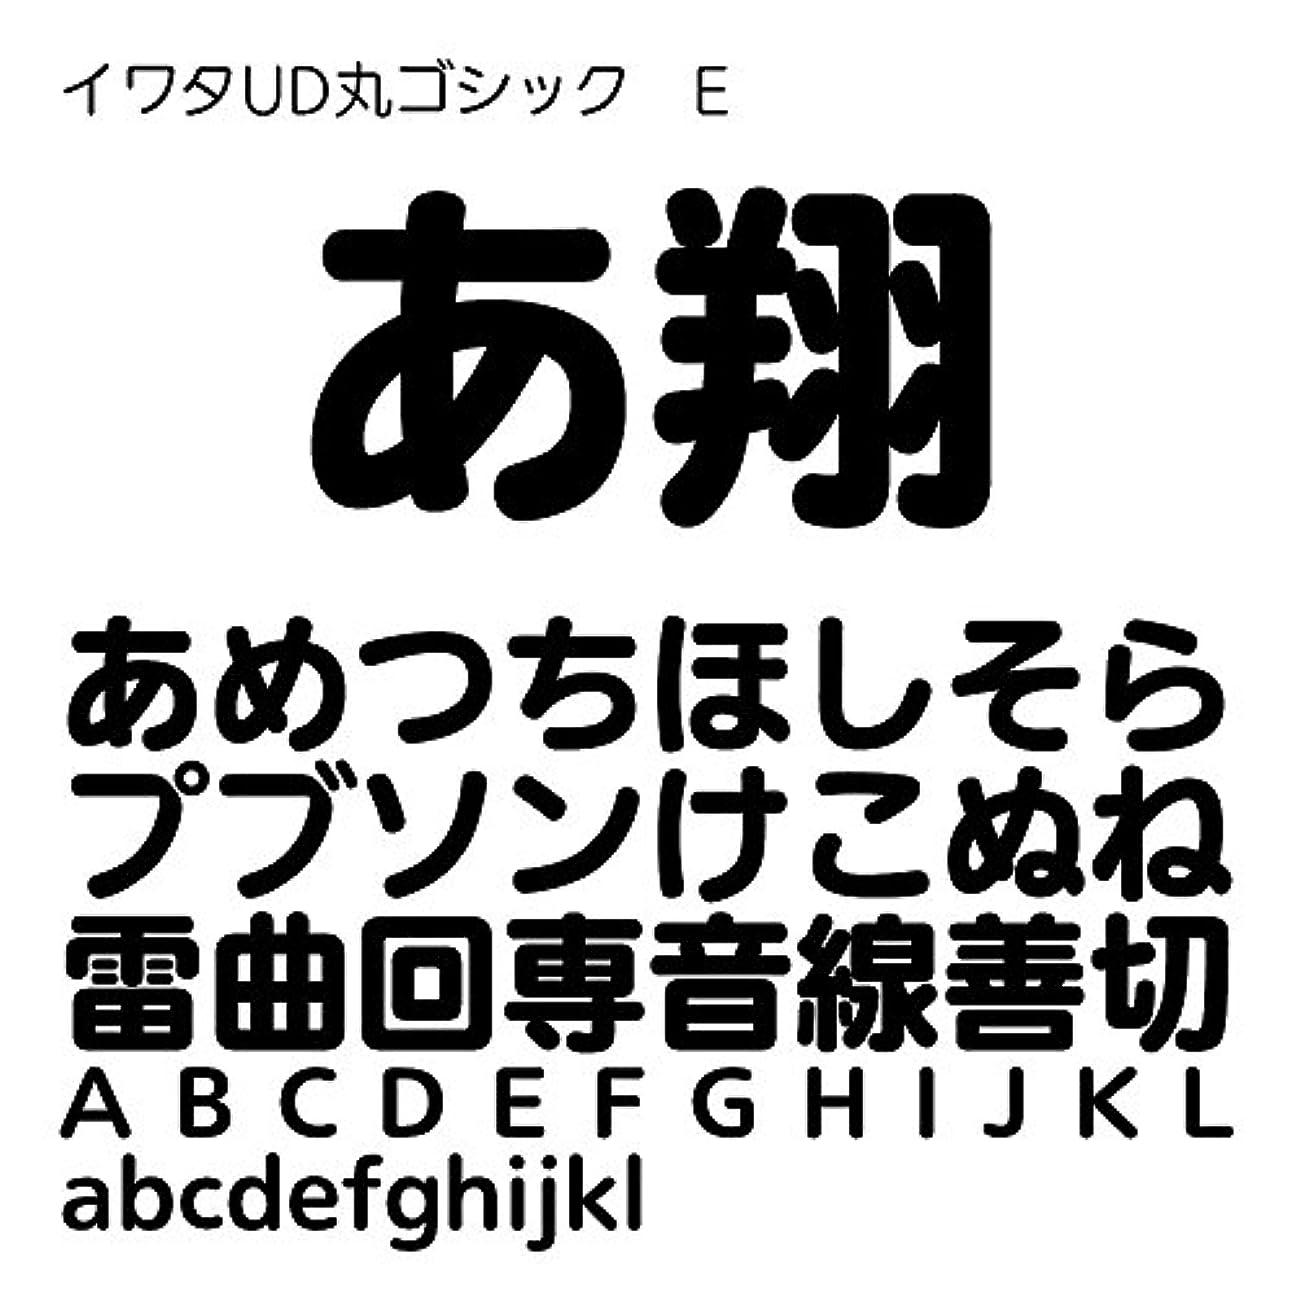 異なるドナウ川かなりのイワタUD丸ゴシックE Pro OpenType Font for Windows [ダウンロード]